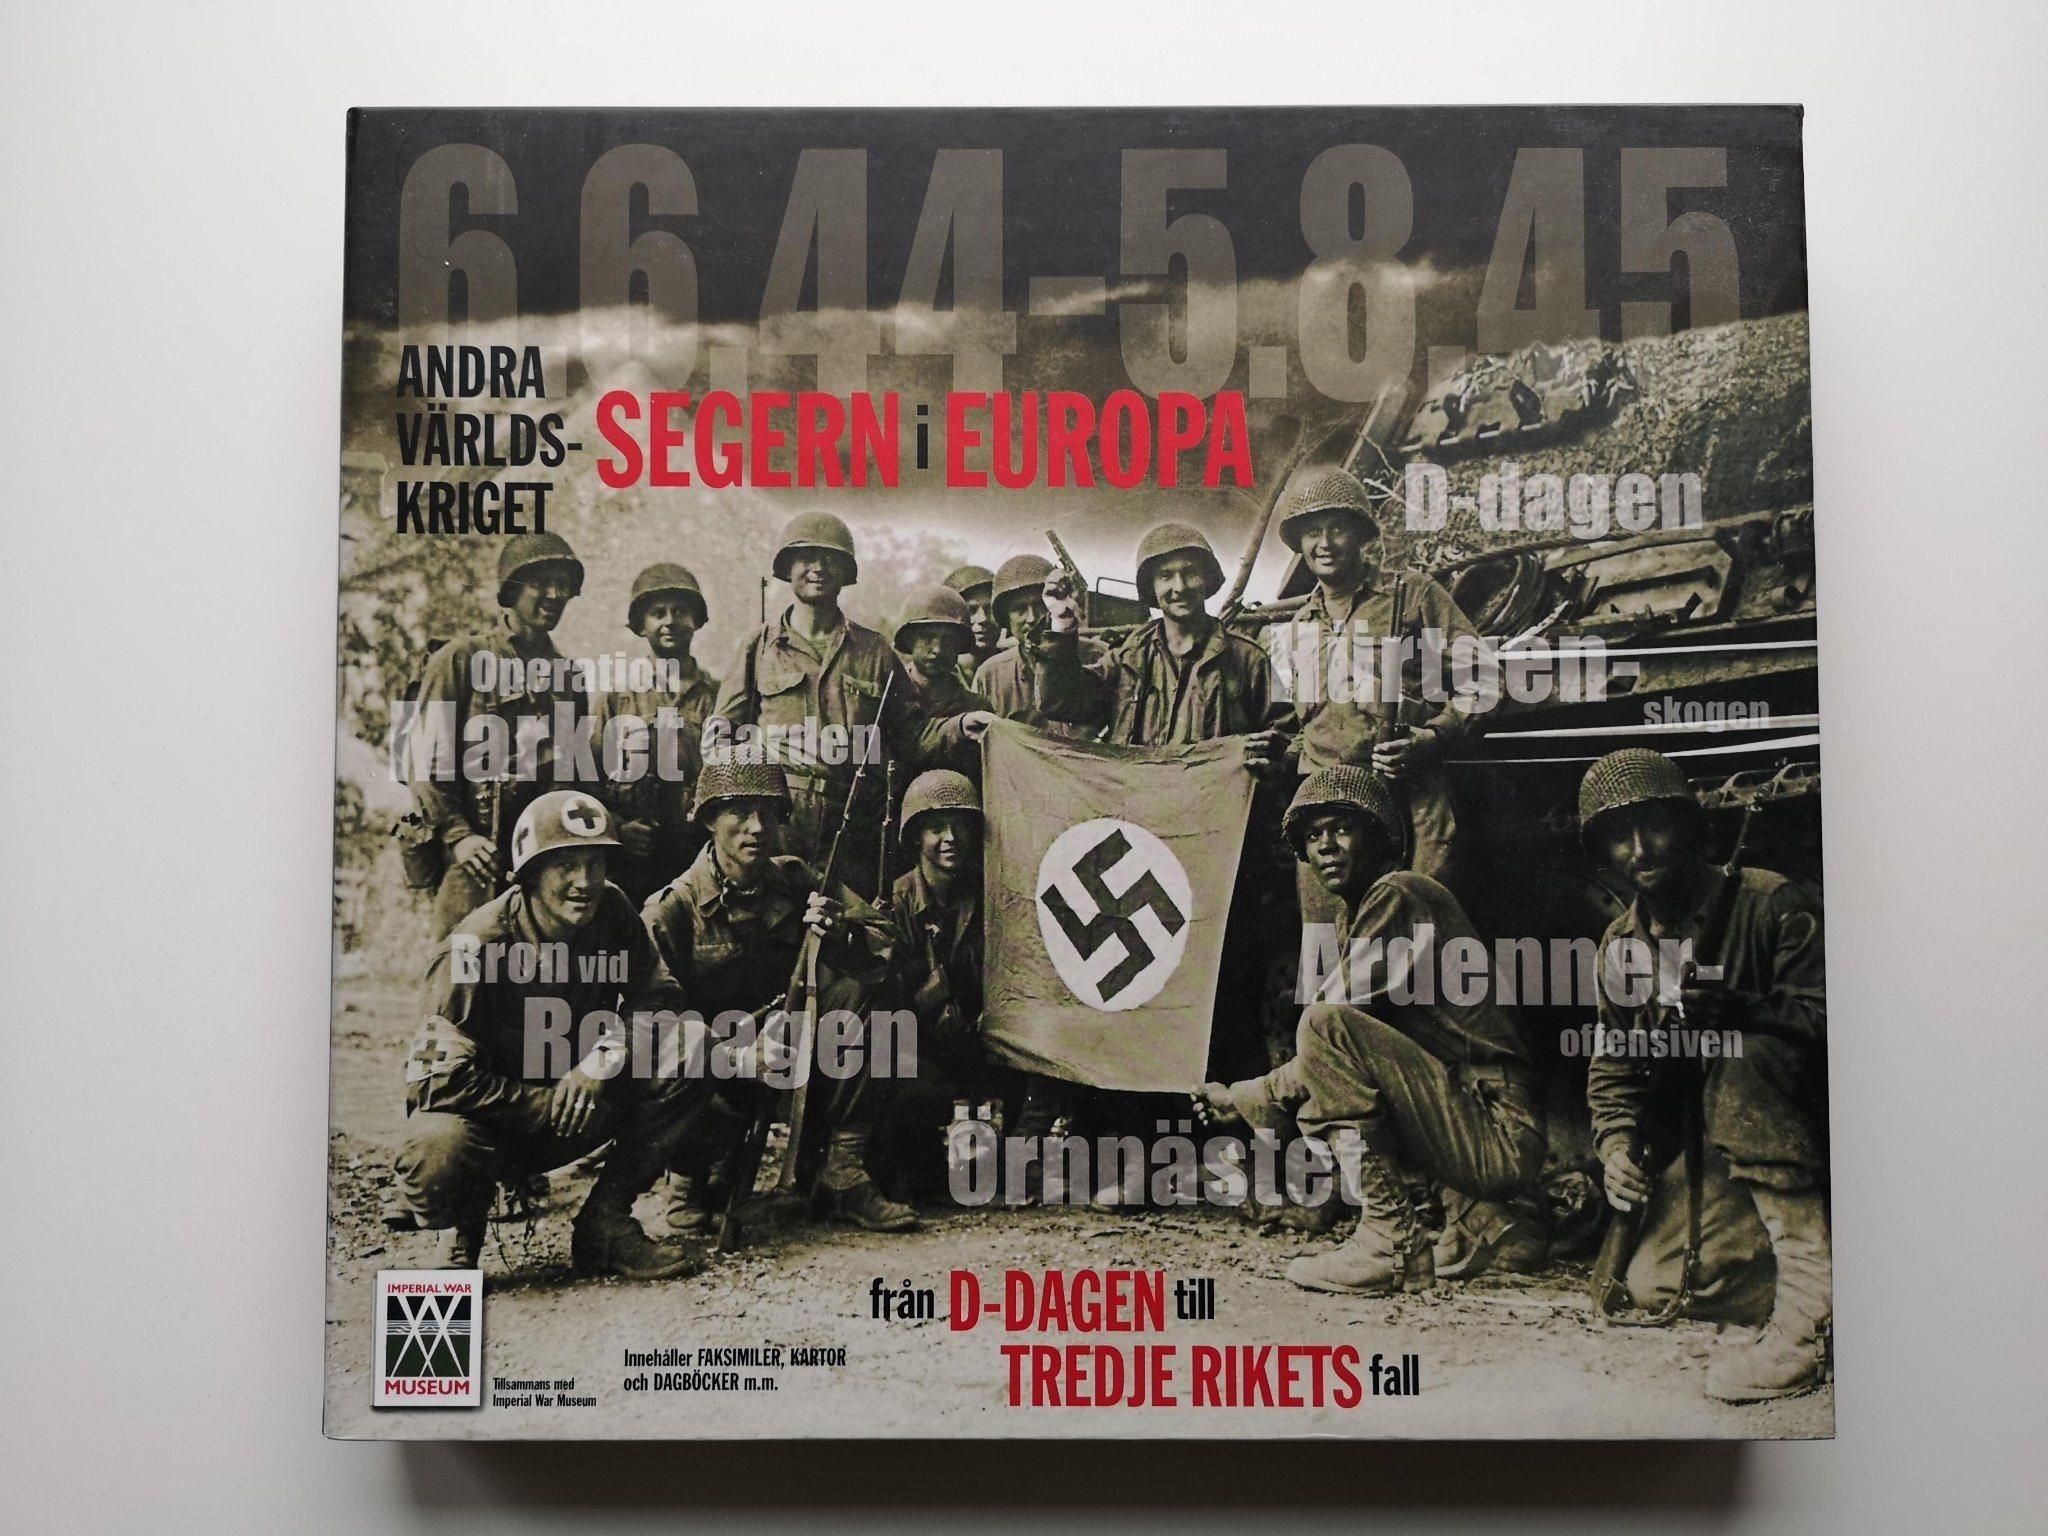 Karta Europa Andra Varldskriget.Andra Varldskriget Segern I Europa Julian Tho 343258715 ᐈ Kop